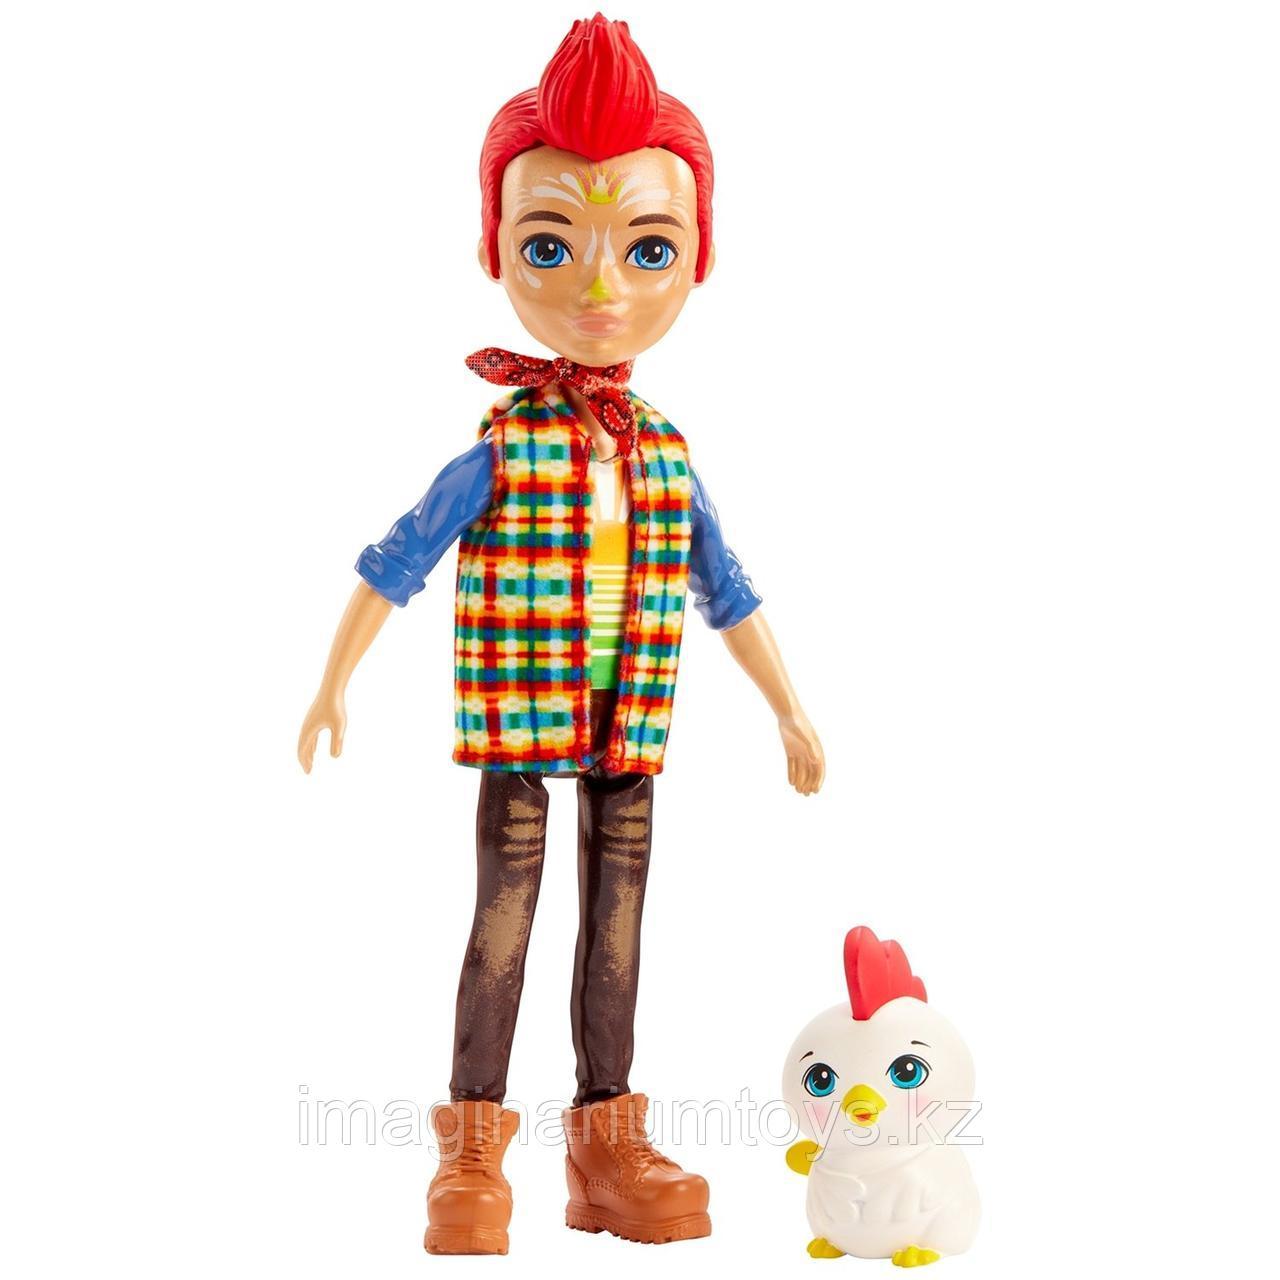 Кукла Enchantimals мальчик петушок Ривод Рустер и Клак - фото 1